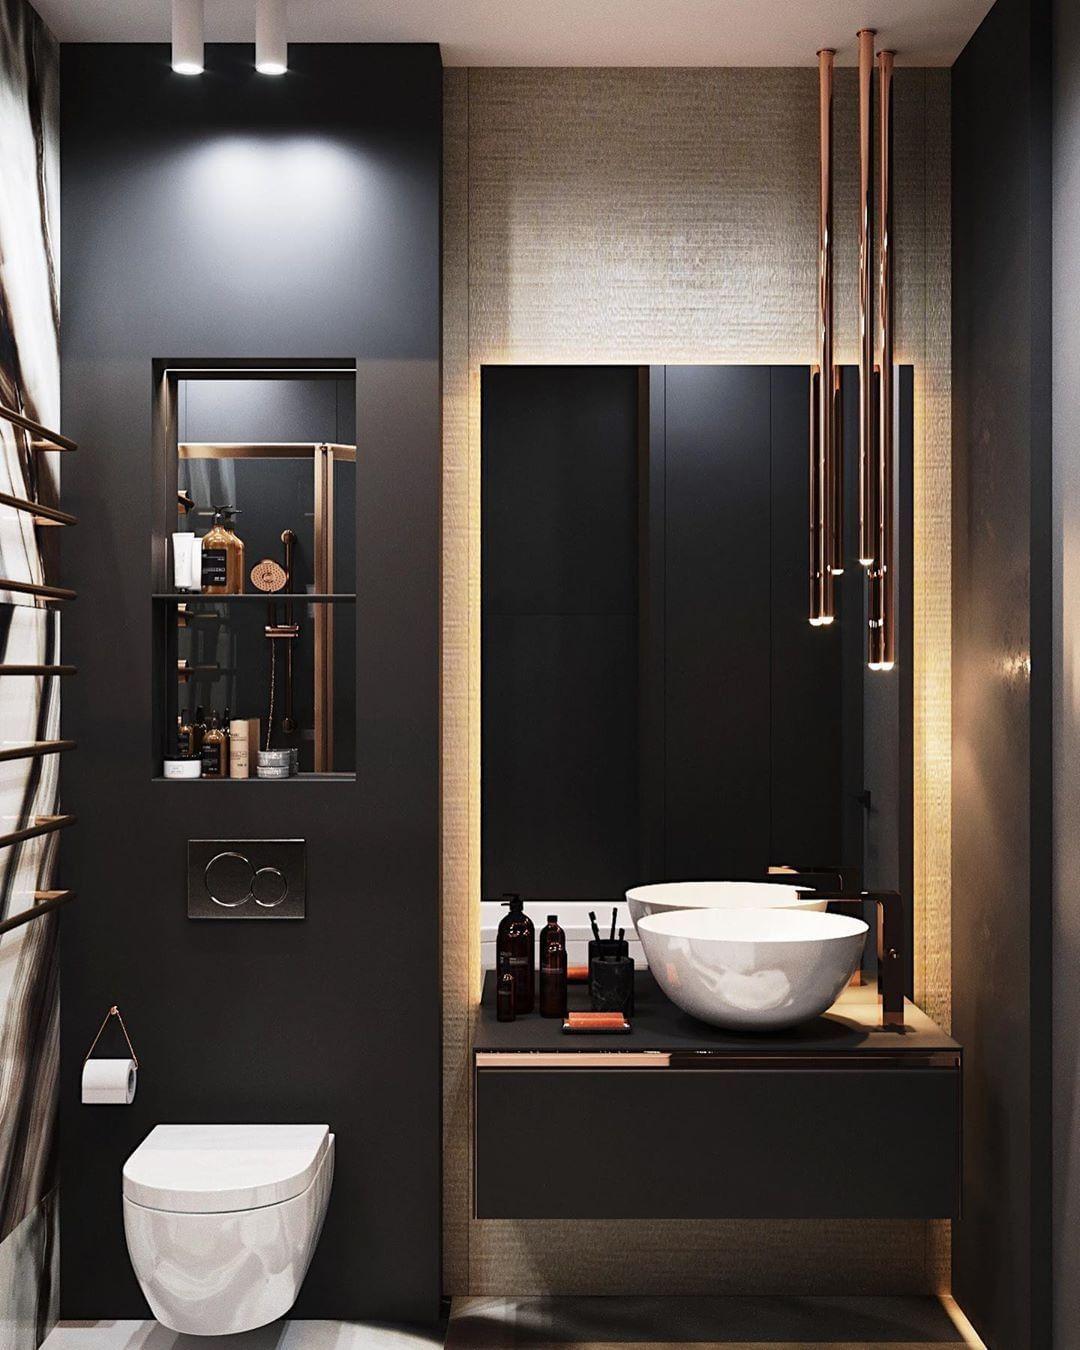 9 Budget Friendly Bathroom Decoration Ideas Mymove In 2021 Modern Bathroom Design Bathroom Design Decor Easy Bathroom Decorating Amazing concept modern bathroom